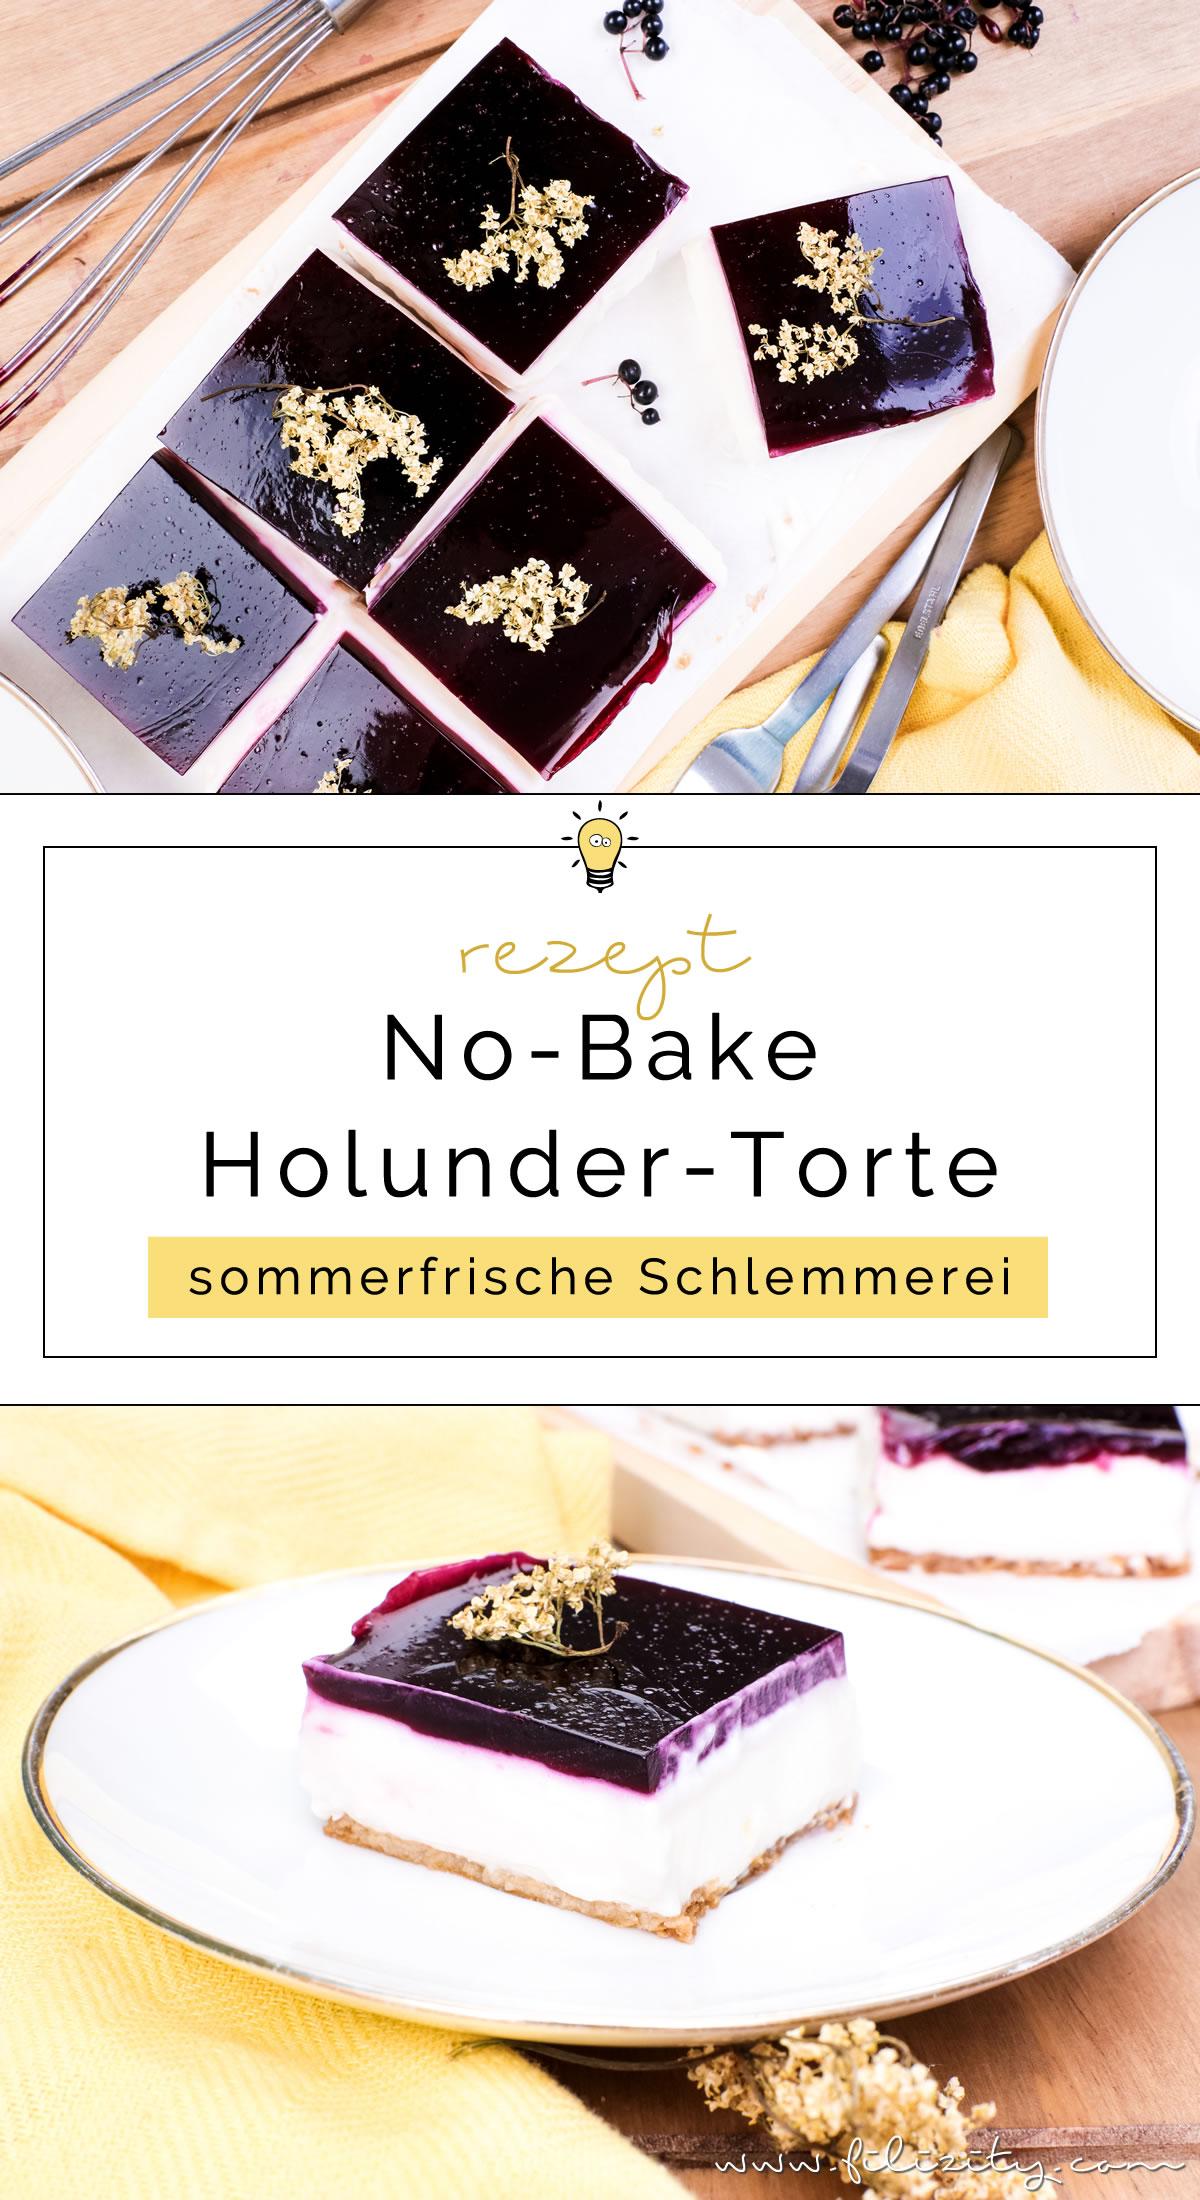 Rezept für leckere Holunder-Quark-Schnitten ohne Backen (No-bake Holunderbeeren-Torte) auf Filizity.com | Food-Blog aus dem Rheinland #holunder #holler #torte #nobake #kuchen #sommer #herbst